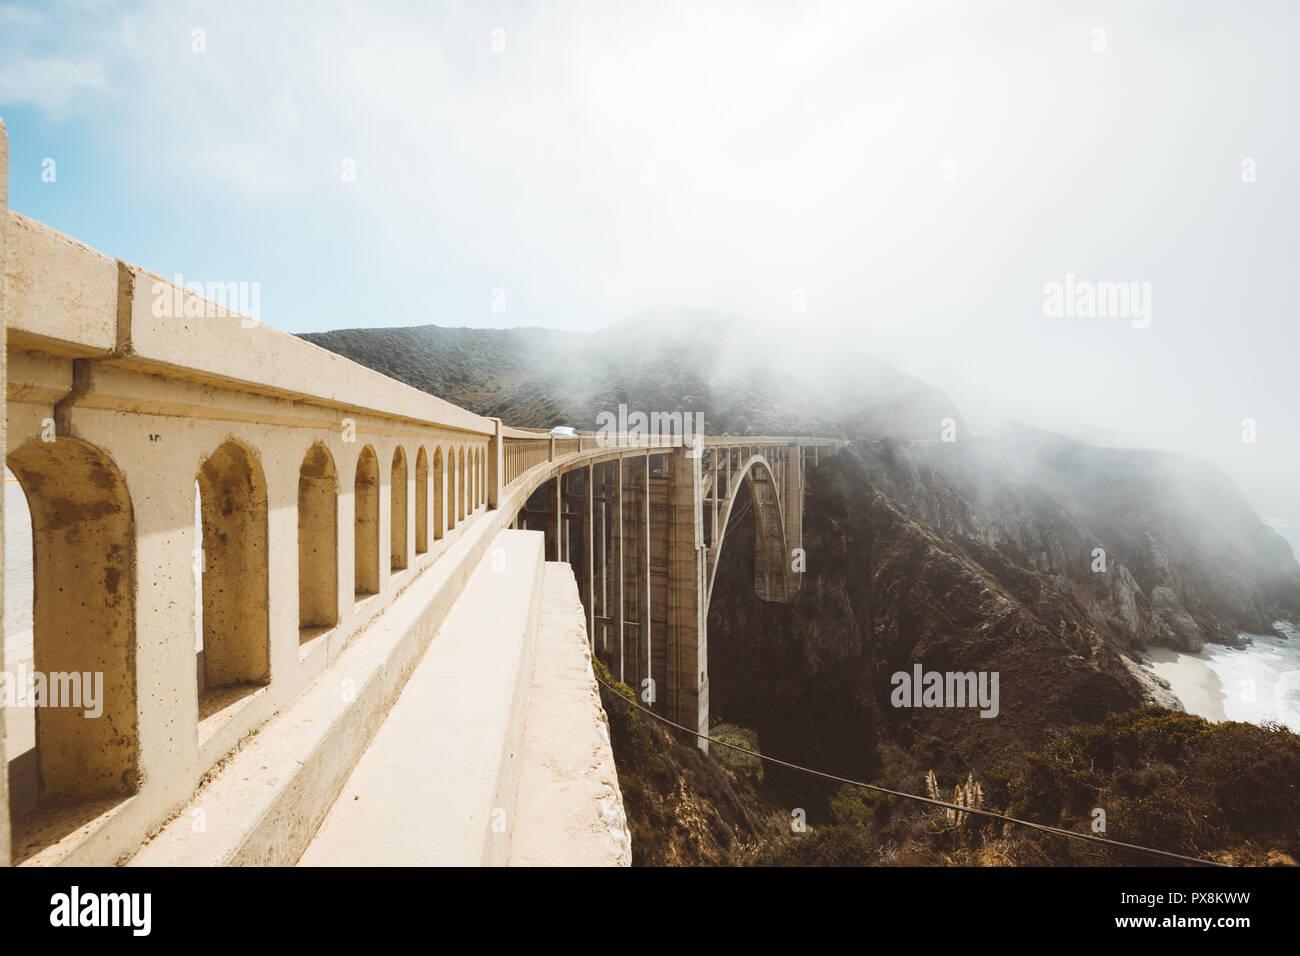 Panoramablick auf das historische Bixby Creek Bridge entlang der berühmten Highway 1 an einem sonnigen Tag mit Nebel im Sommer, Monterey County, Kalifornien, USA Stockbild